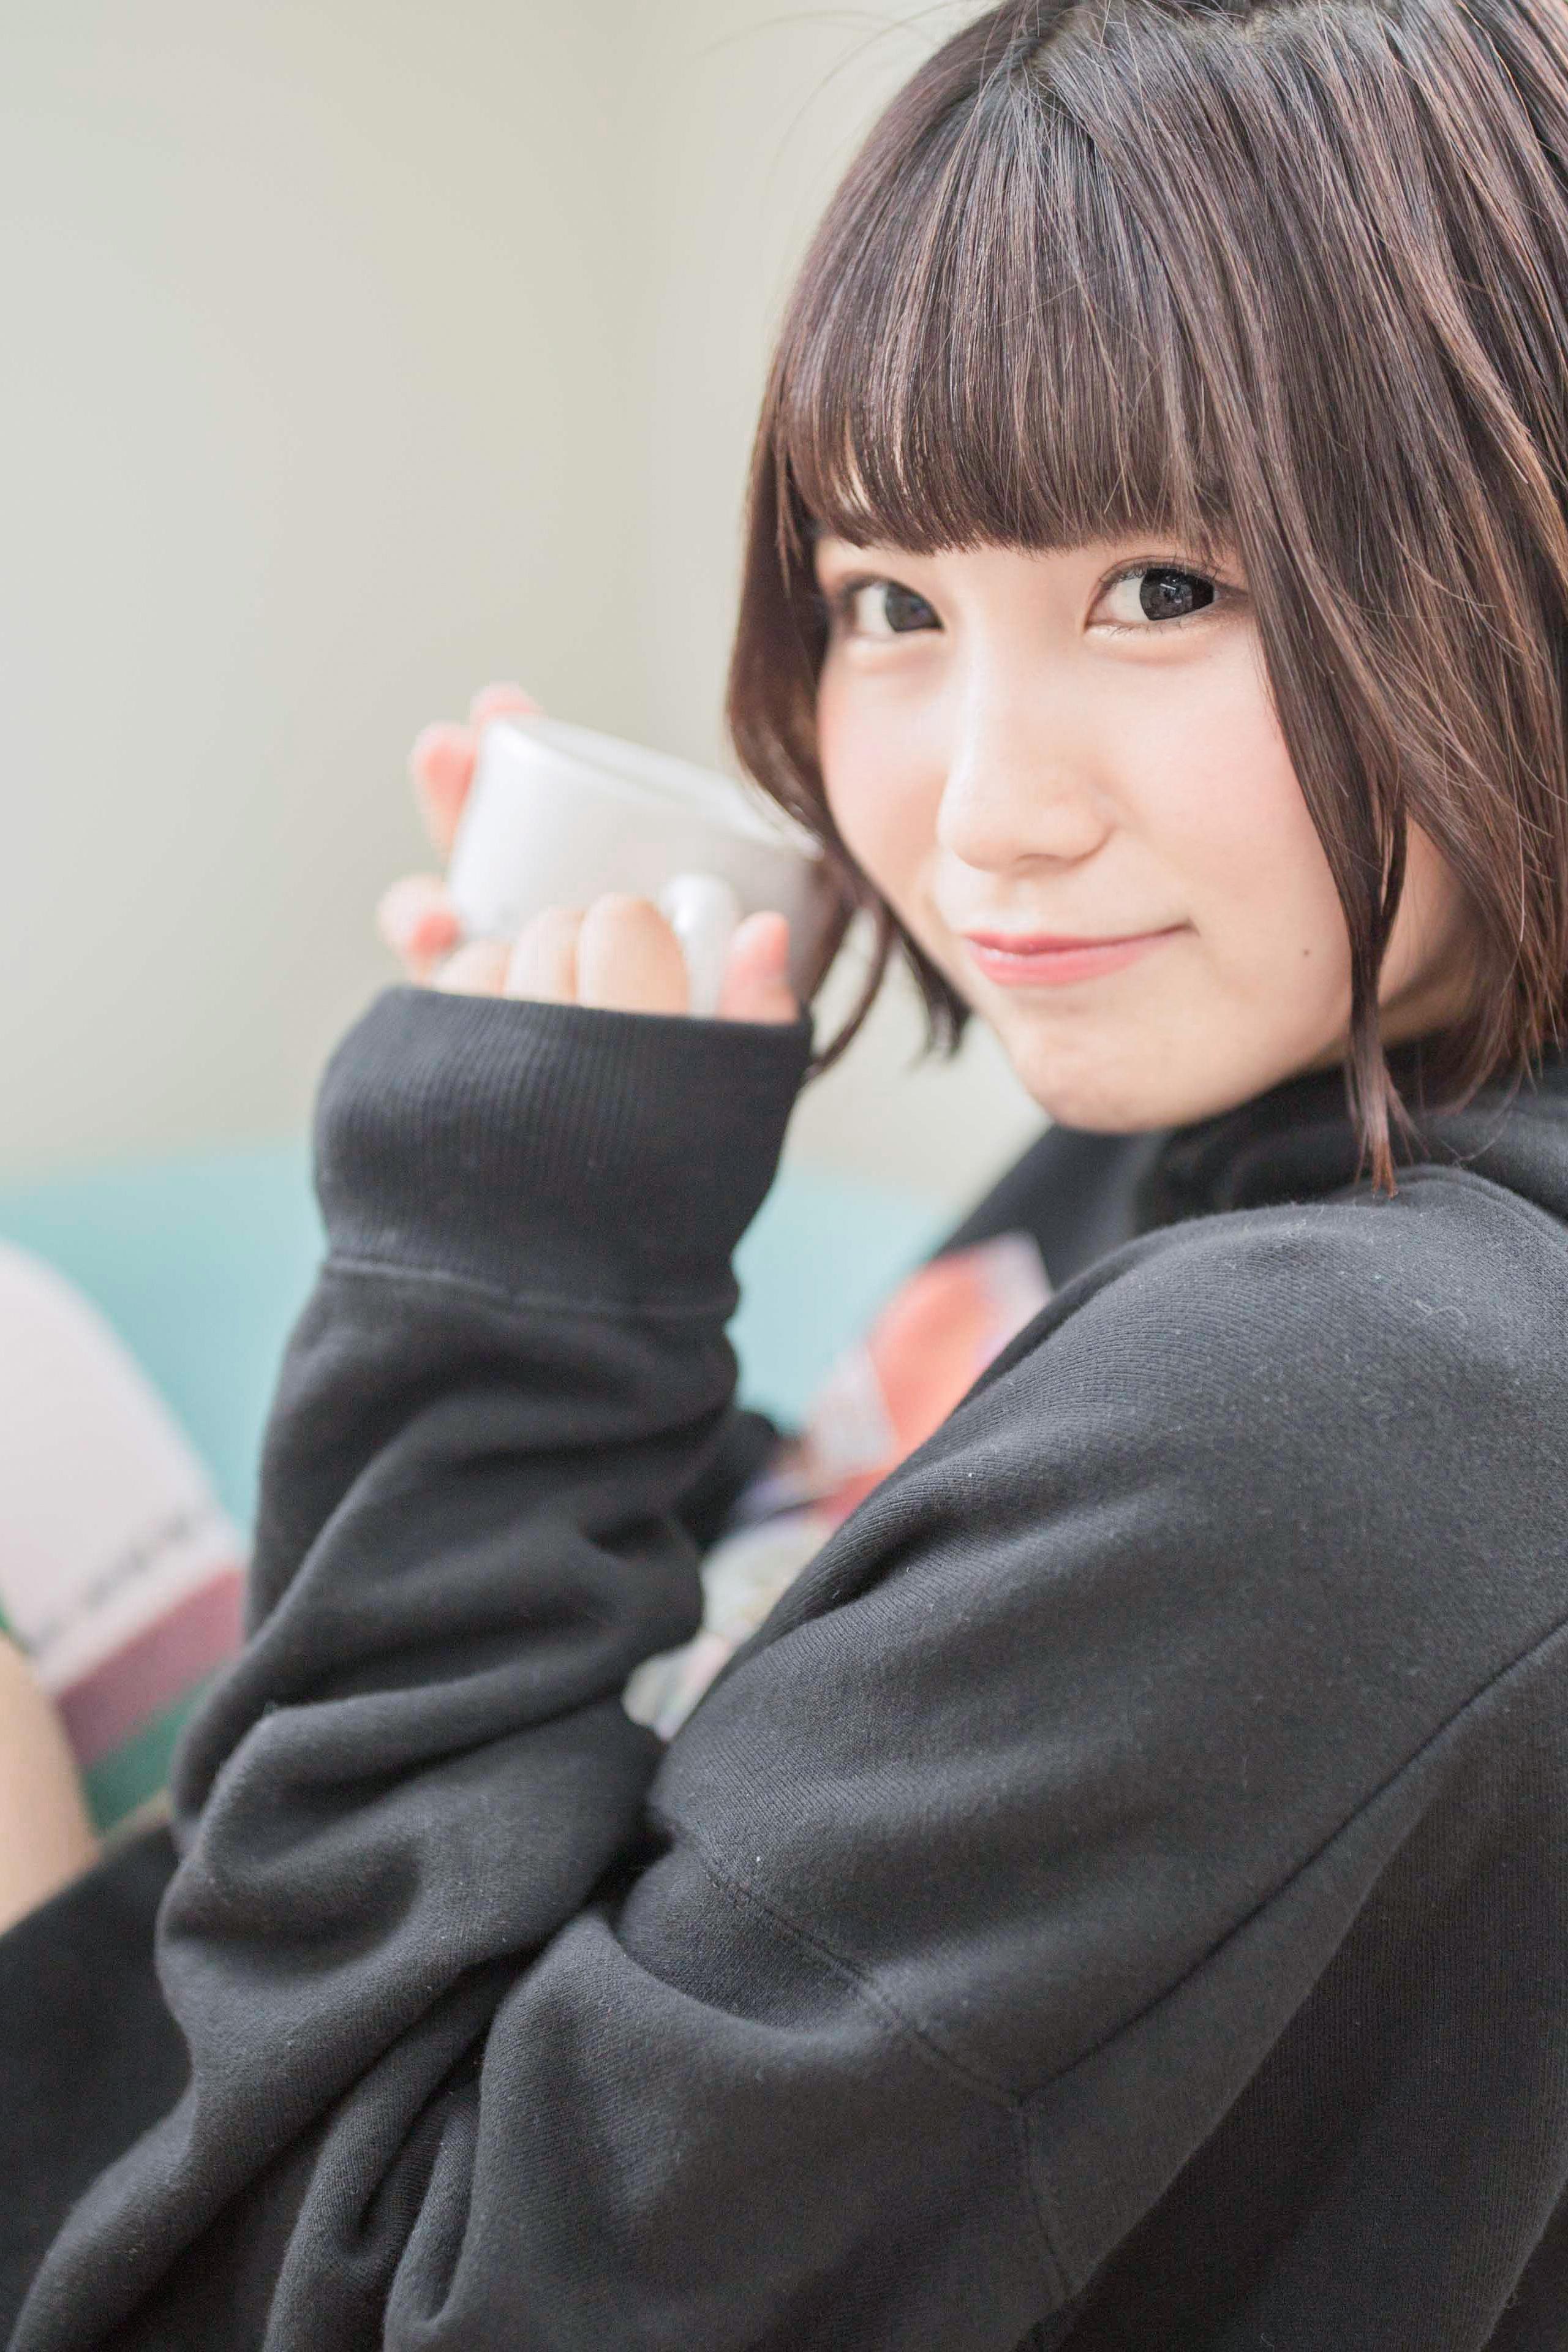 夏目みさきリリース用写真2